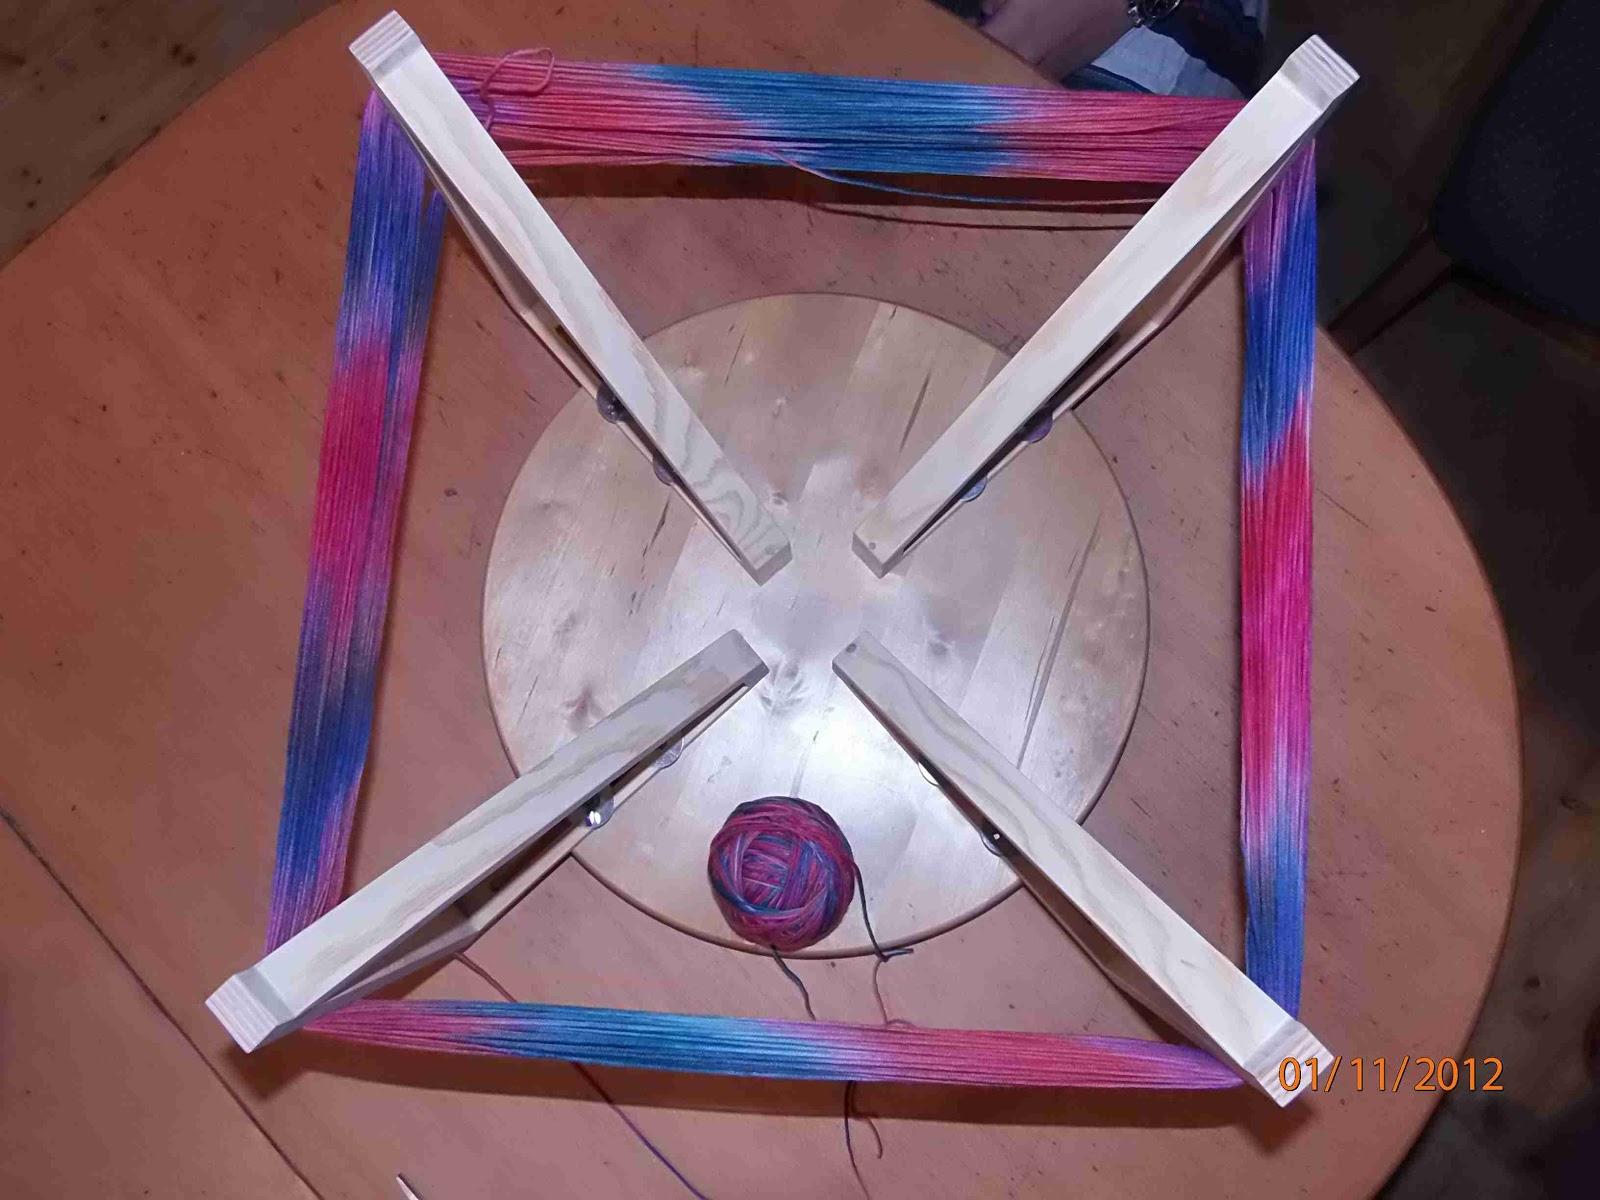 doriba 39 s maschen magie eine haspel. Black Bedroom Furniture Sets. Home Design Ideas